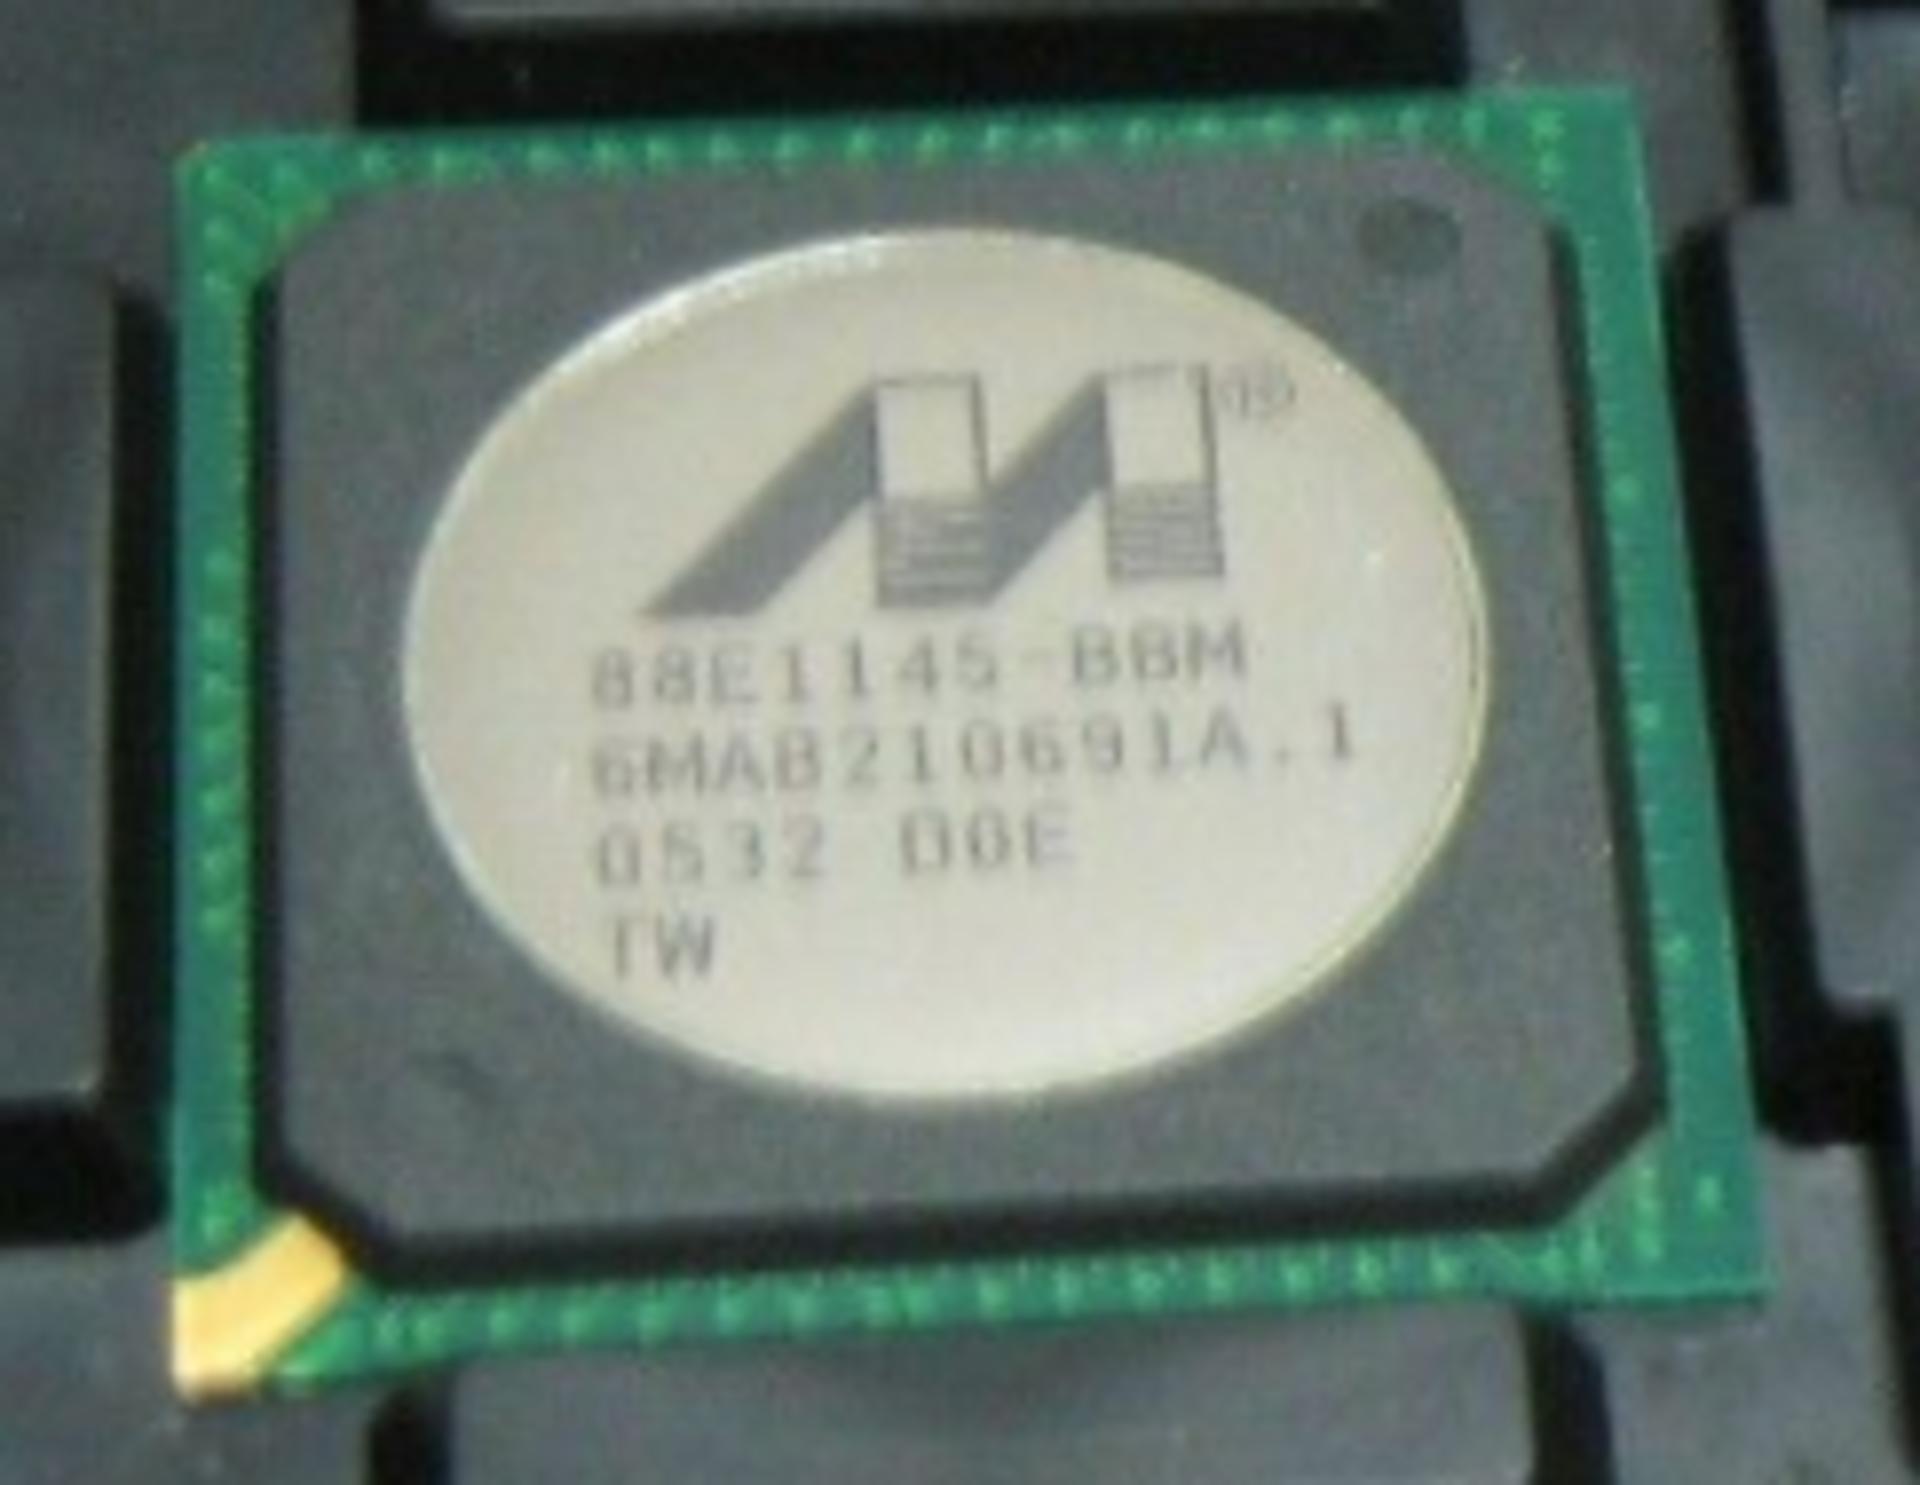 Alaska Quad Gigabit Ethernet Transceiver 88E1145 ,IC, 4-port Gigabit, 2.5V SSTL_2 (LF), QTY 1